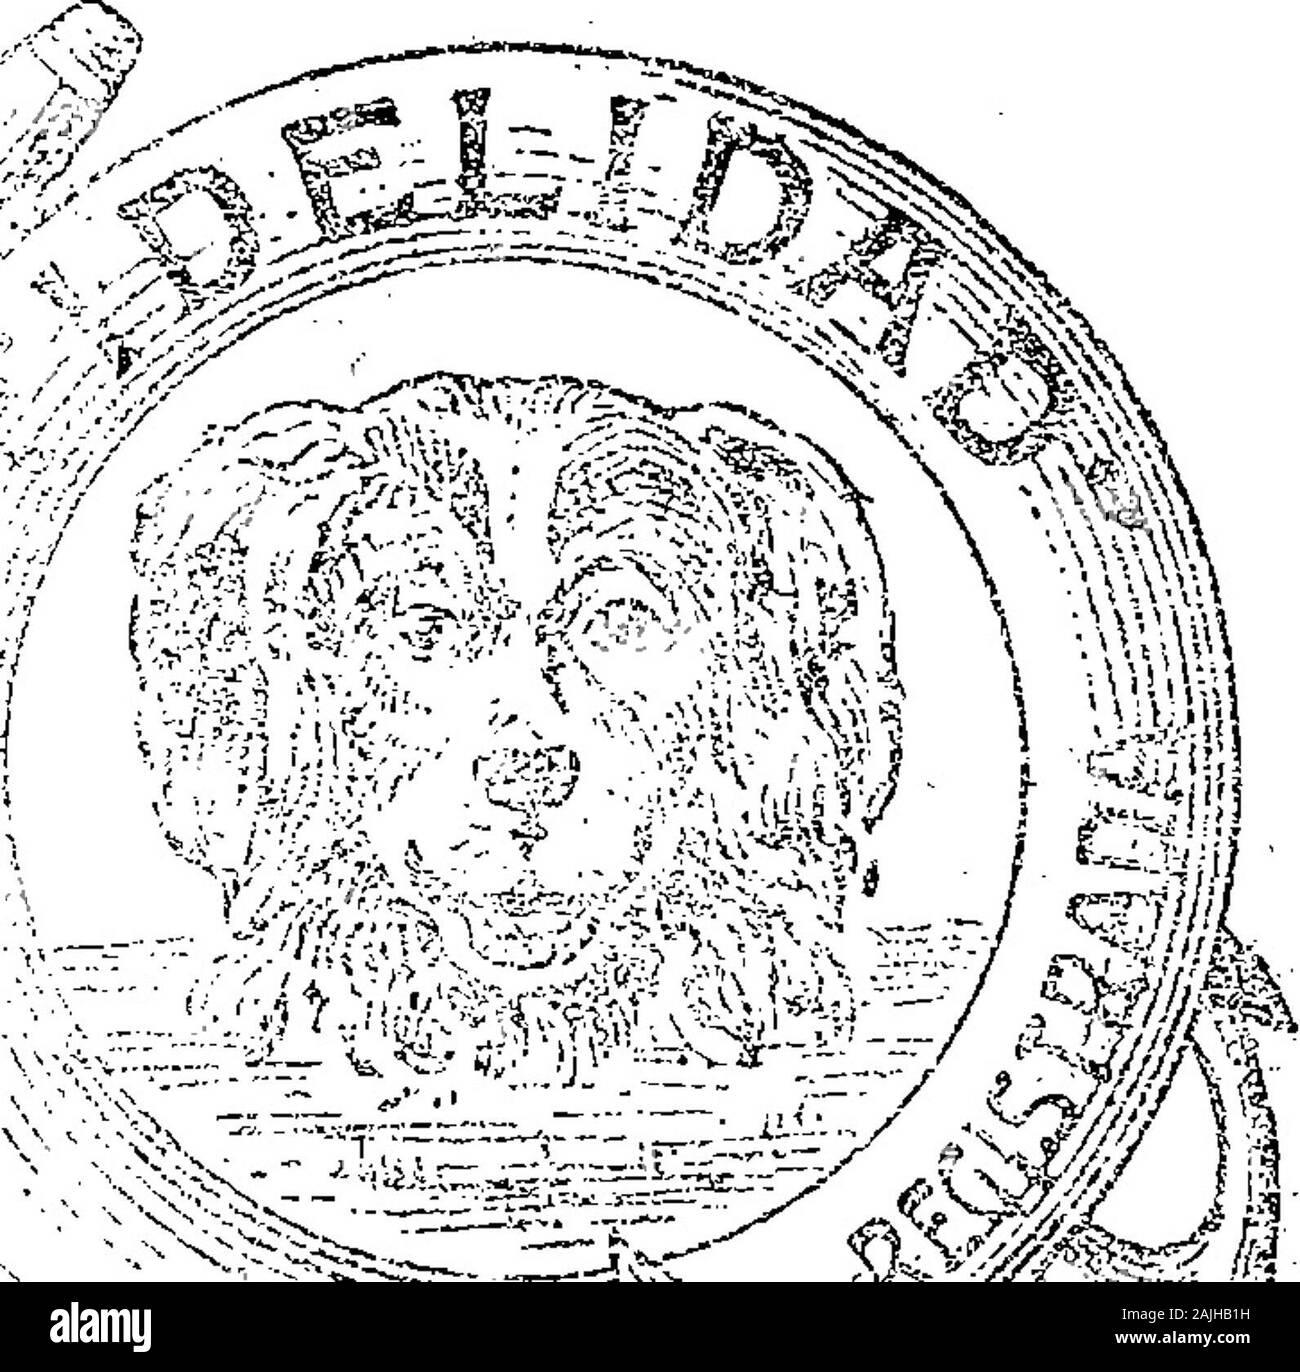 """Boletín Oficial de la República Argentina 1916 1ra sección . isAbril:de 1916; 14. - Inchauspe yC°. - Boissons en général, non??thérapeuti- nales, -alcohólicas,o no&gt; -l'alcool, """"de. la.éíasé -23. ;? . I--; je , &gt; v-í2S Abril. Abril 15 de 1916. .- LópezgArteta Julio y Ca. - Instruments y apa*ratos, ^ceforjos musicales y sus. Mó"""".sica y ; í ¡laütomáticofcdéí Iaííla - motores tocadores3e 7. ¡?; .( I &2&:abril. •Un LJ , i l _ J -J,, . vr?*""""^7R3!jí,^7: RAP9lS&gt;^« SKif? Bulletin OFÍCIffi§ m mmm -;?? Buenos Aires, vendredi 28 avril 1916 537 7F- 52409 Na Acta /~íí. Abril 15 de 1916. - Julio Lópe Banque D'Images"""